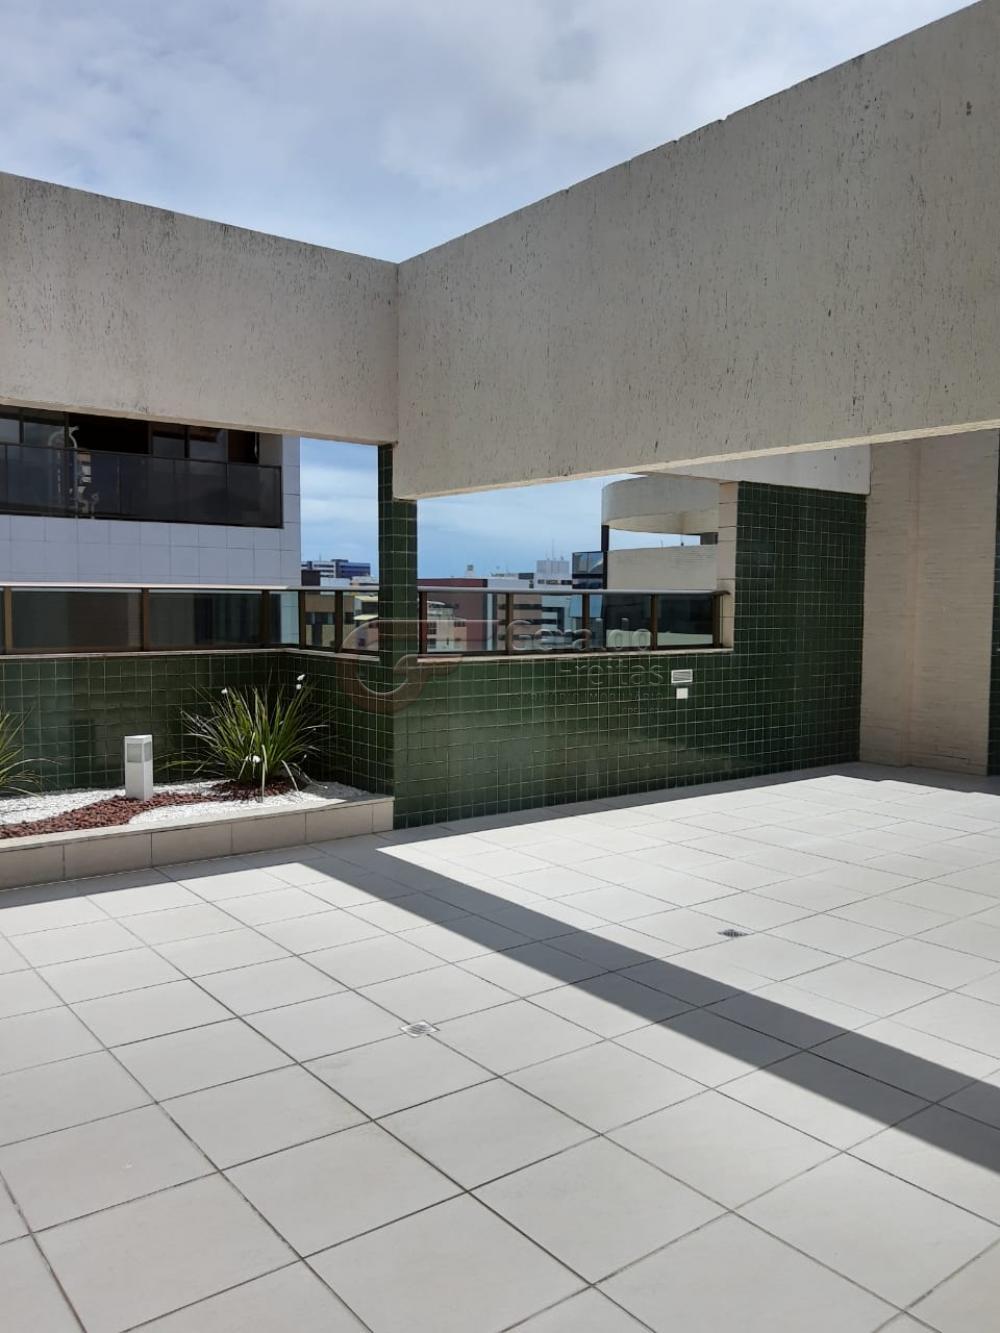 Comprar Apartamentos / Padrão em Maceió apenas R$ 350.000,00 - Foto 26